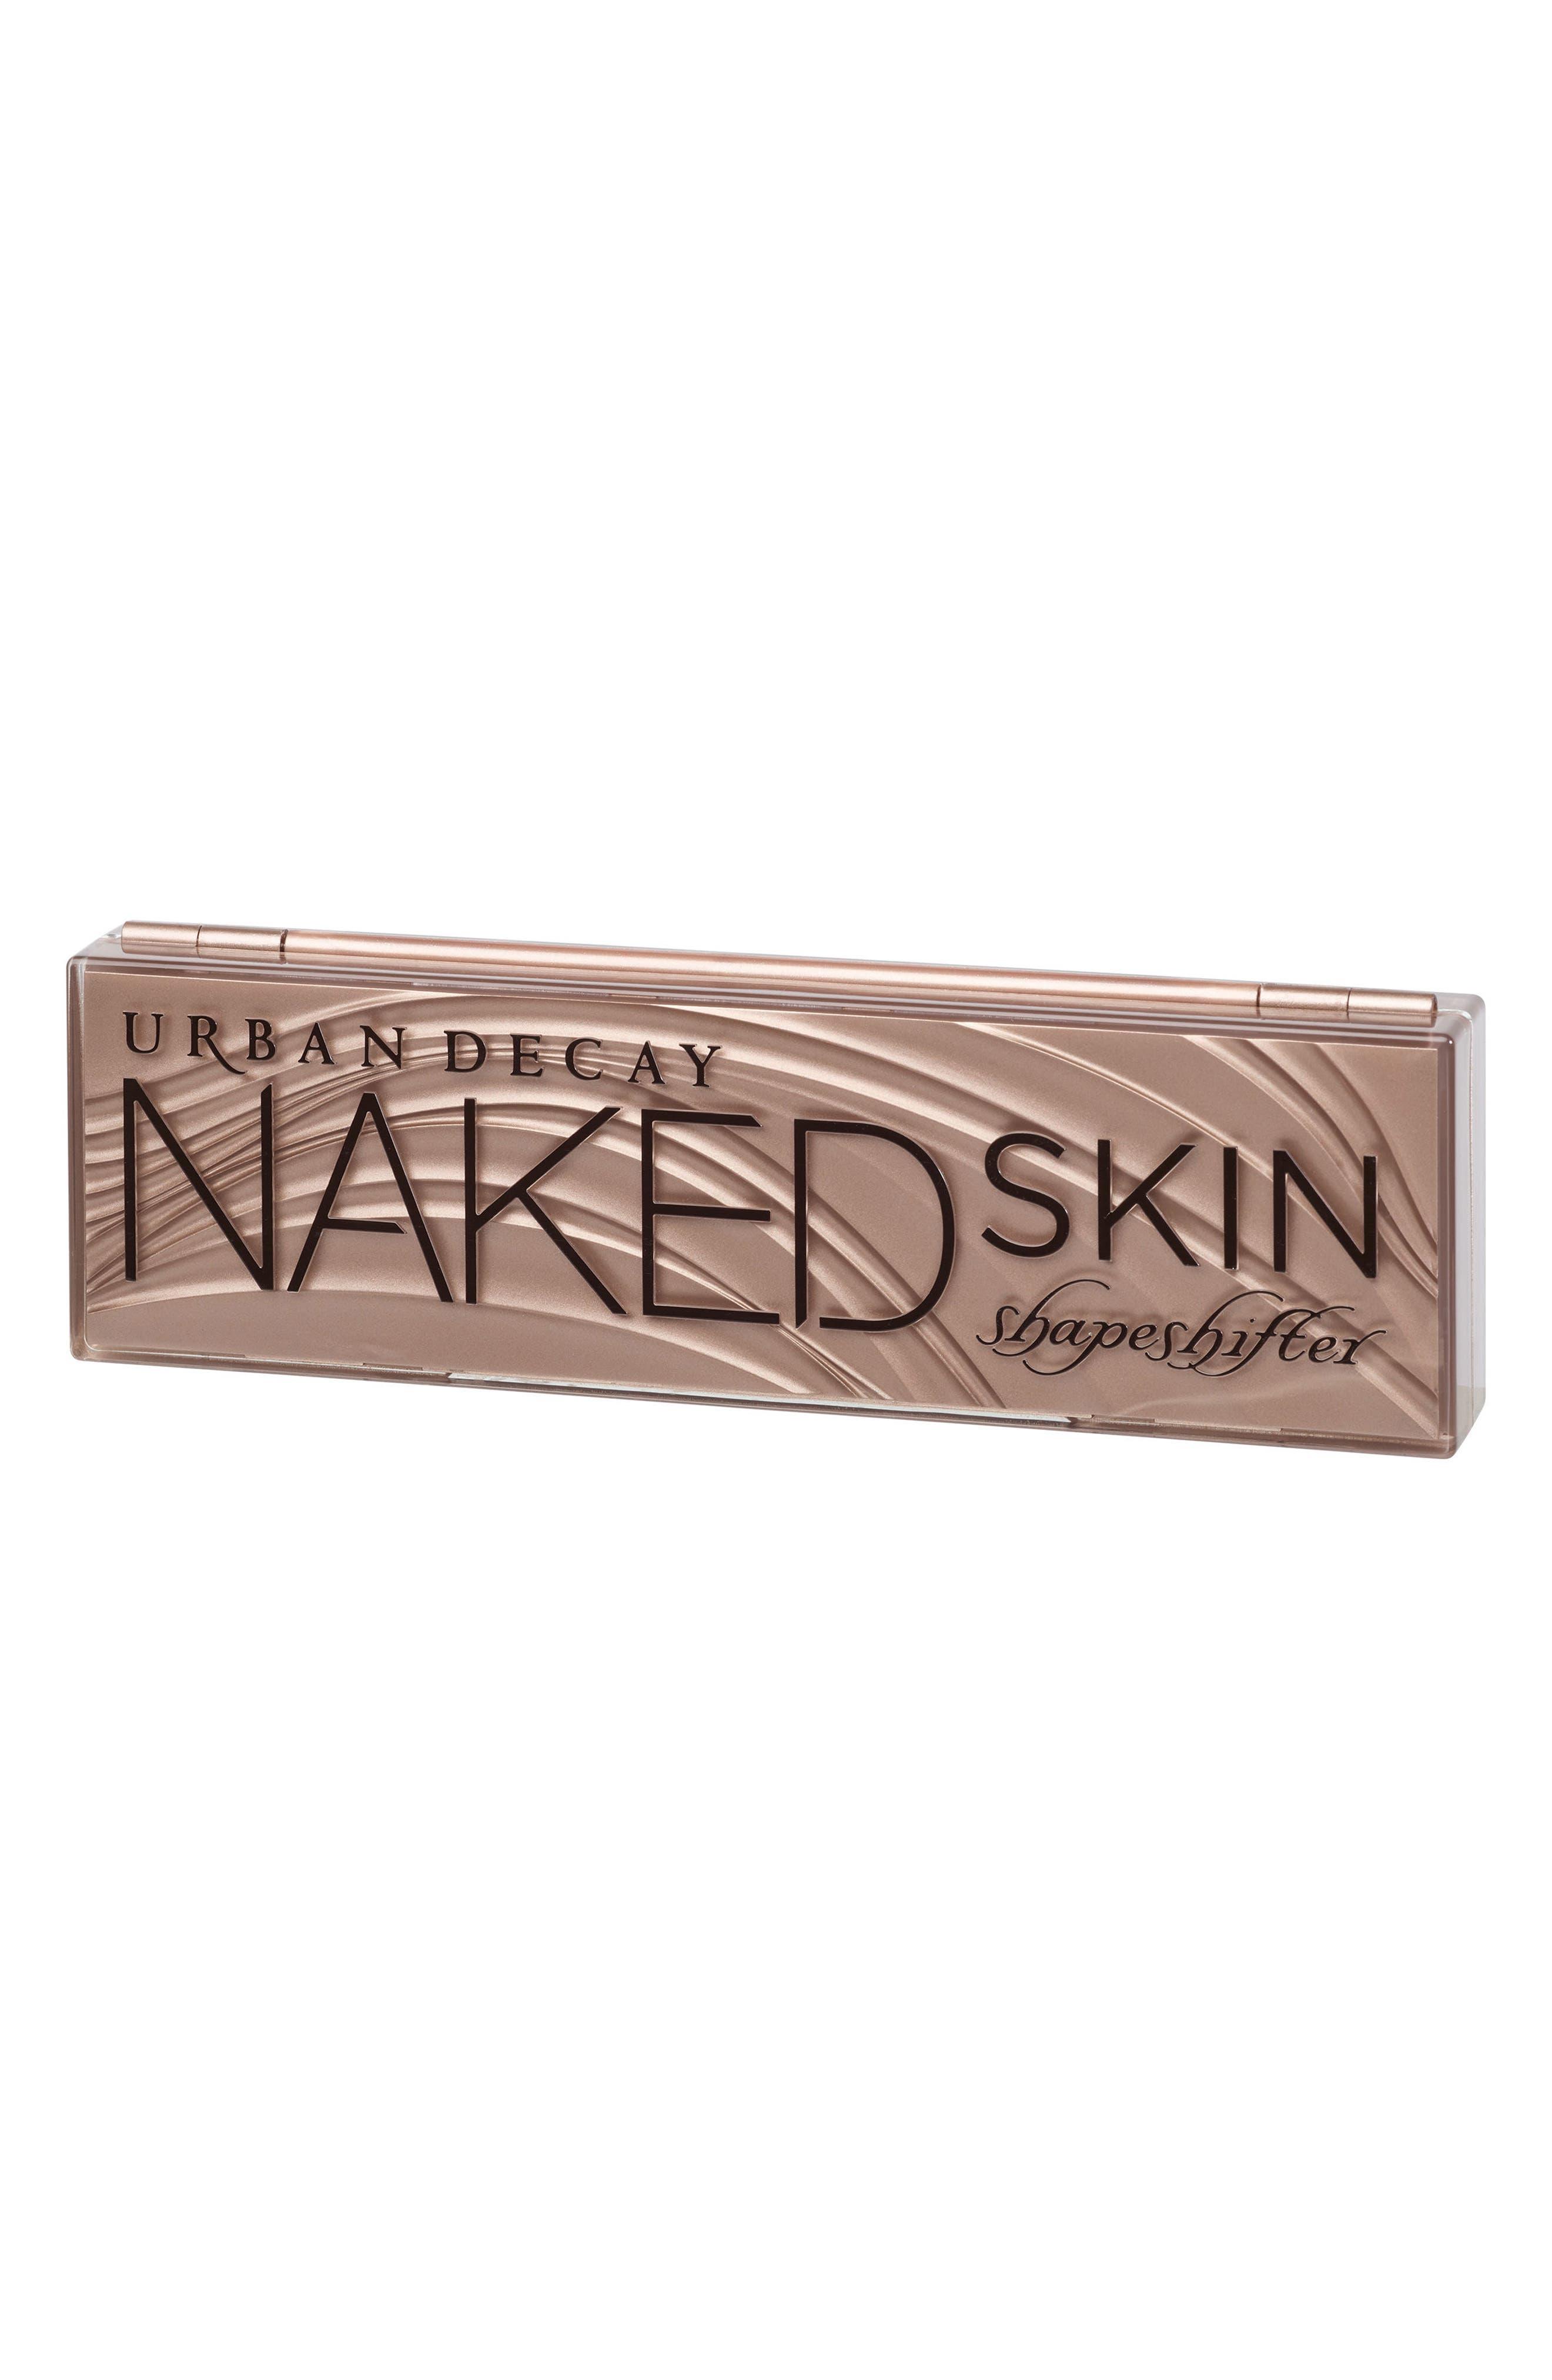 Naked Skin Shapeshifter Palette,                             Alternate thumbnail 4, color,                             MEDIUM DARK SHIFT